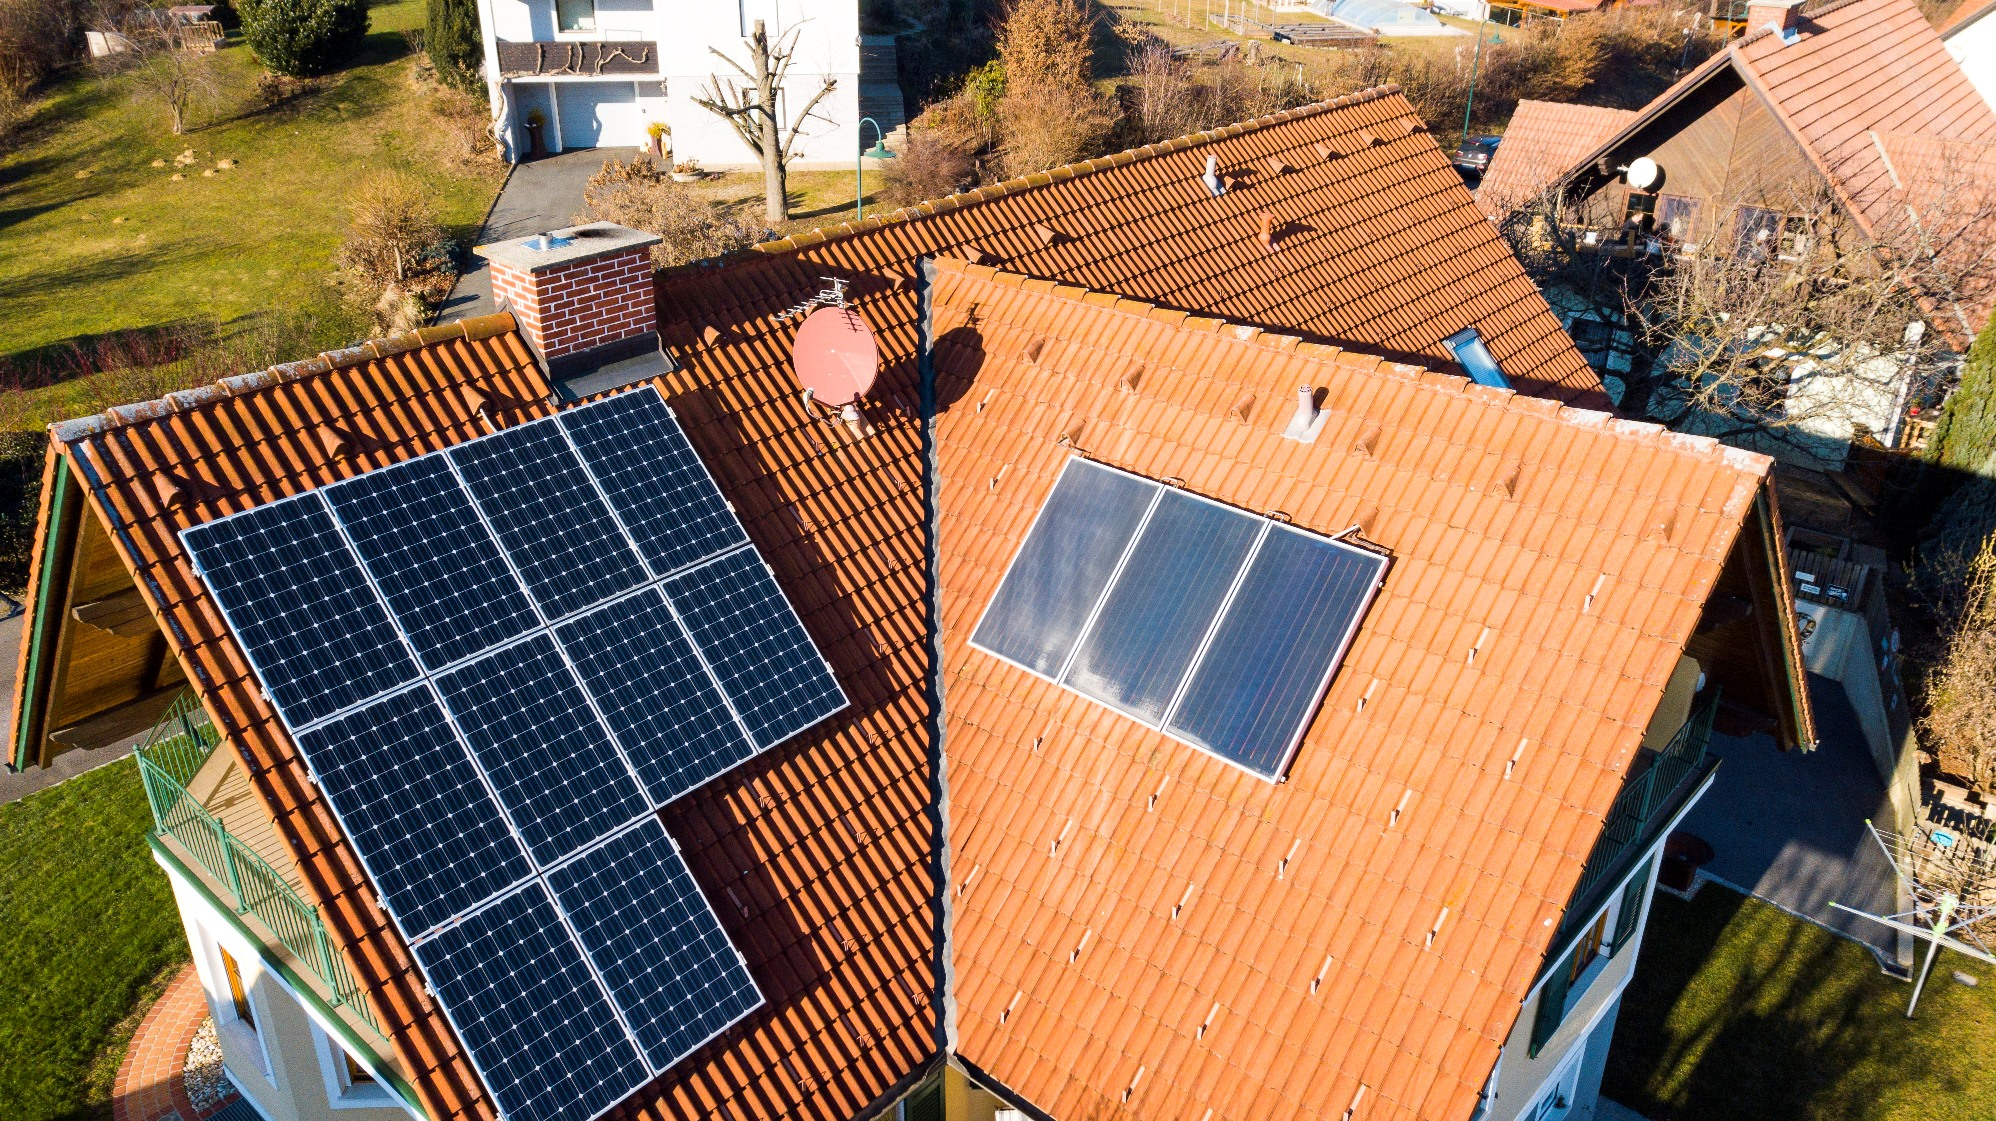 Photovoltaik oder thermische Solaranlage?